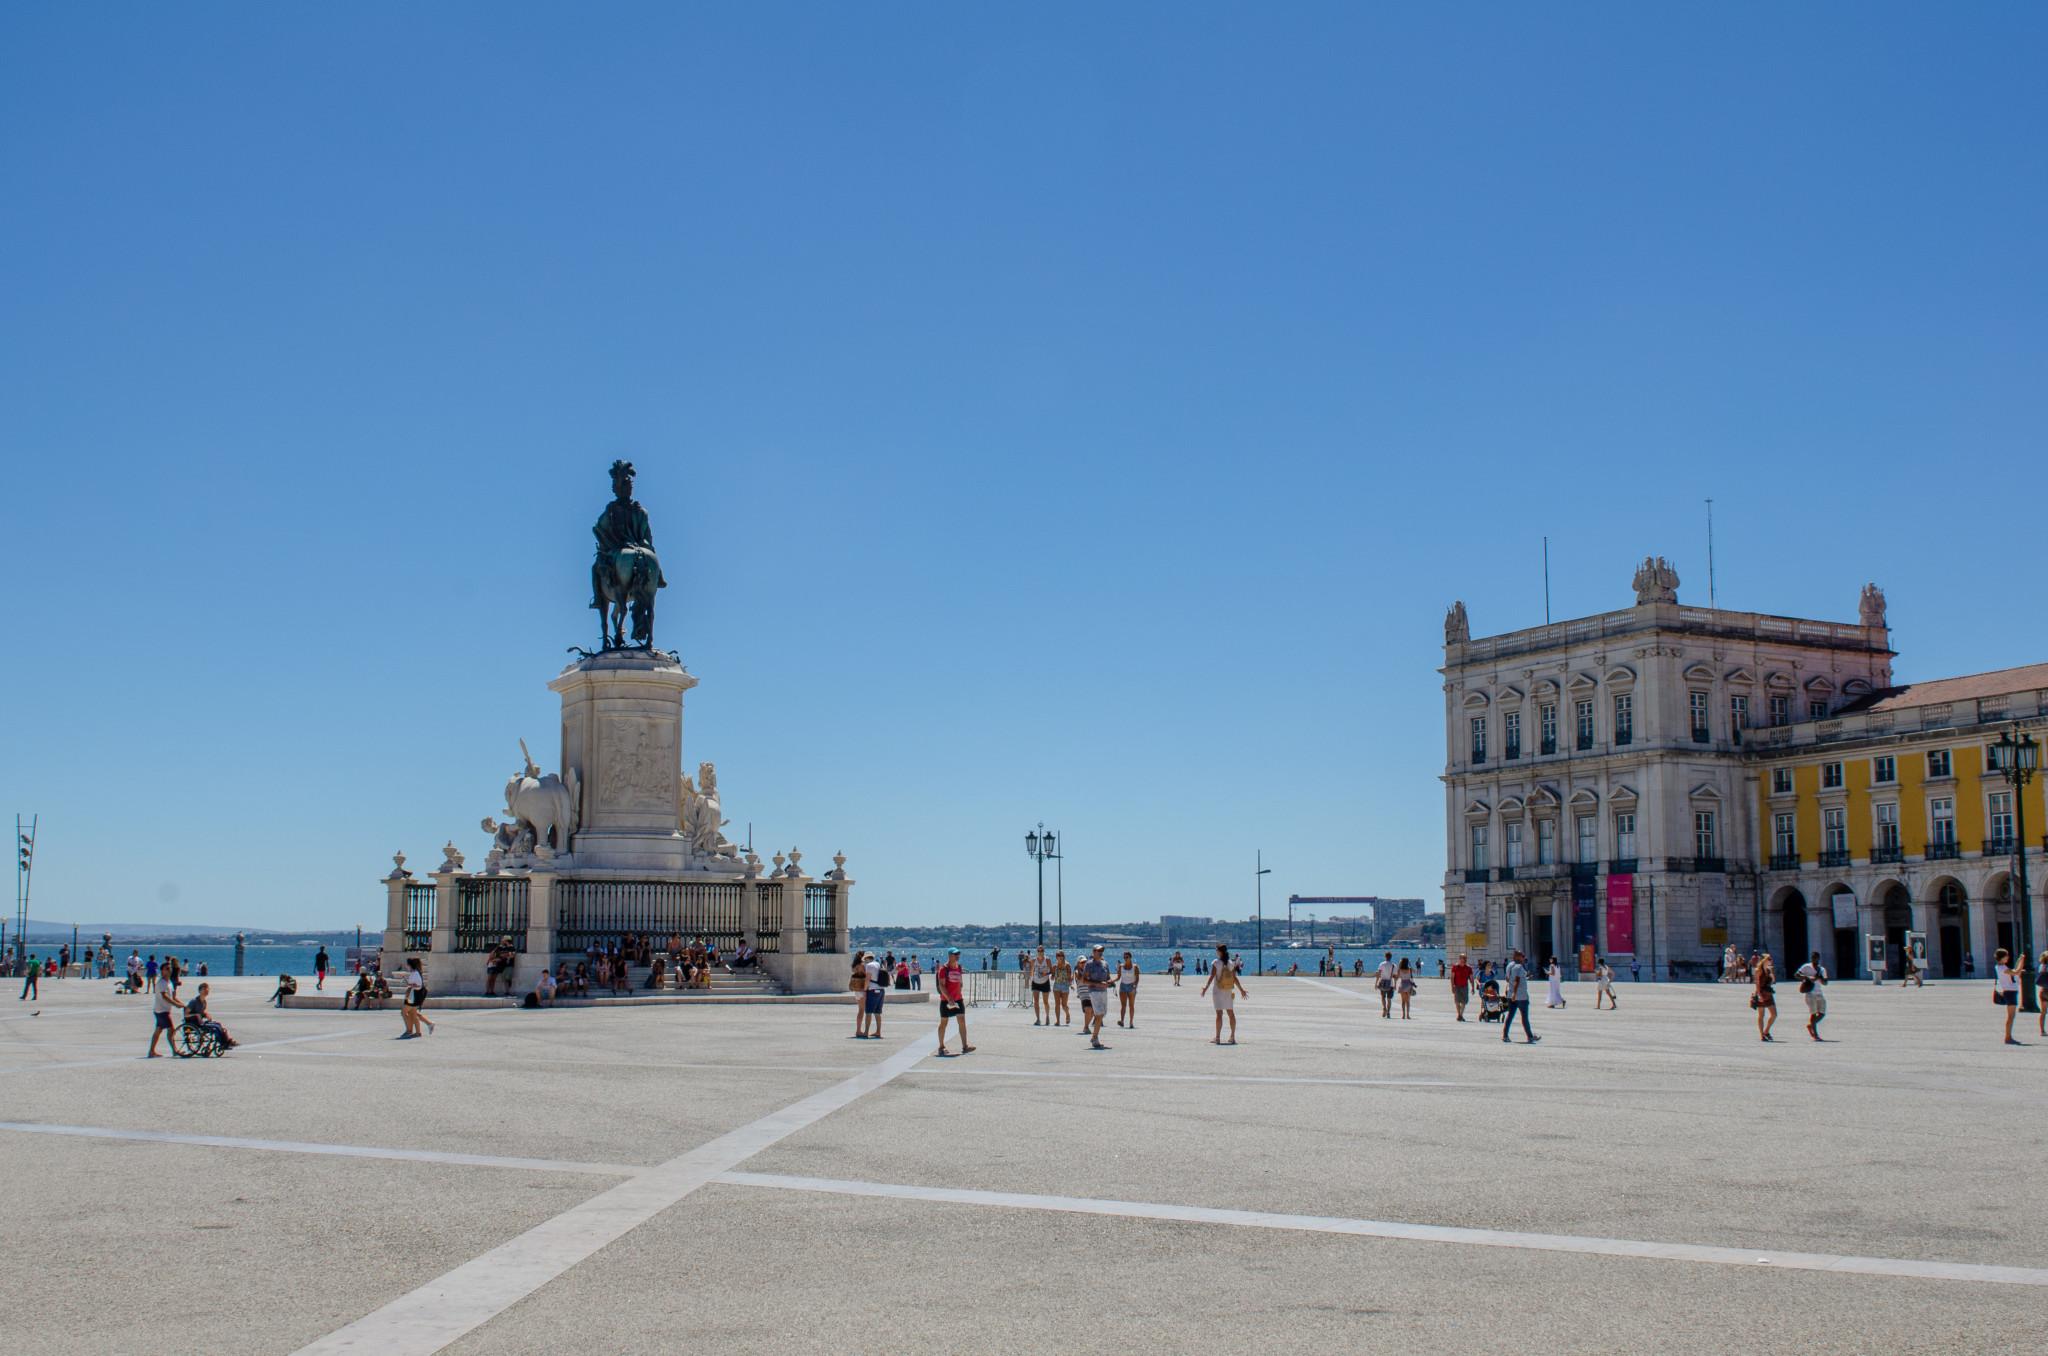 Praça do Comércio in Lissabon